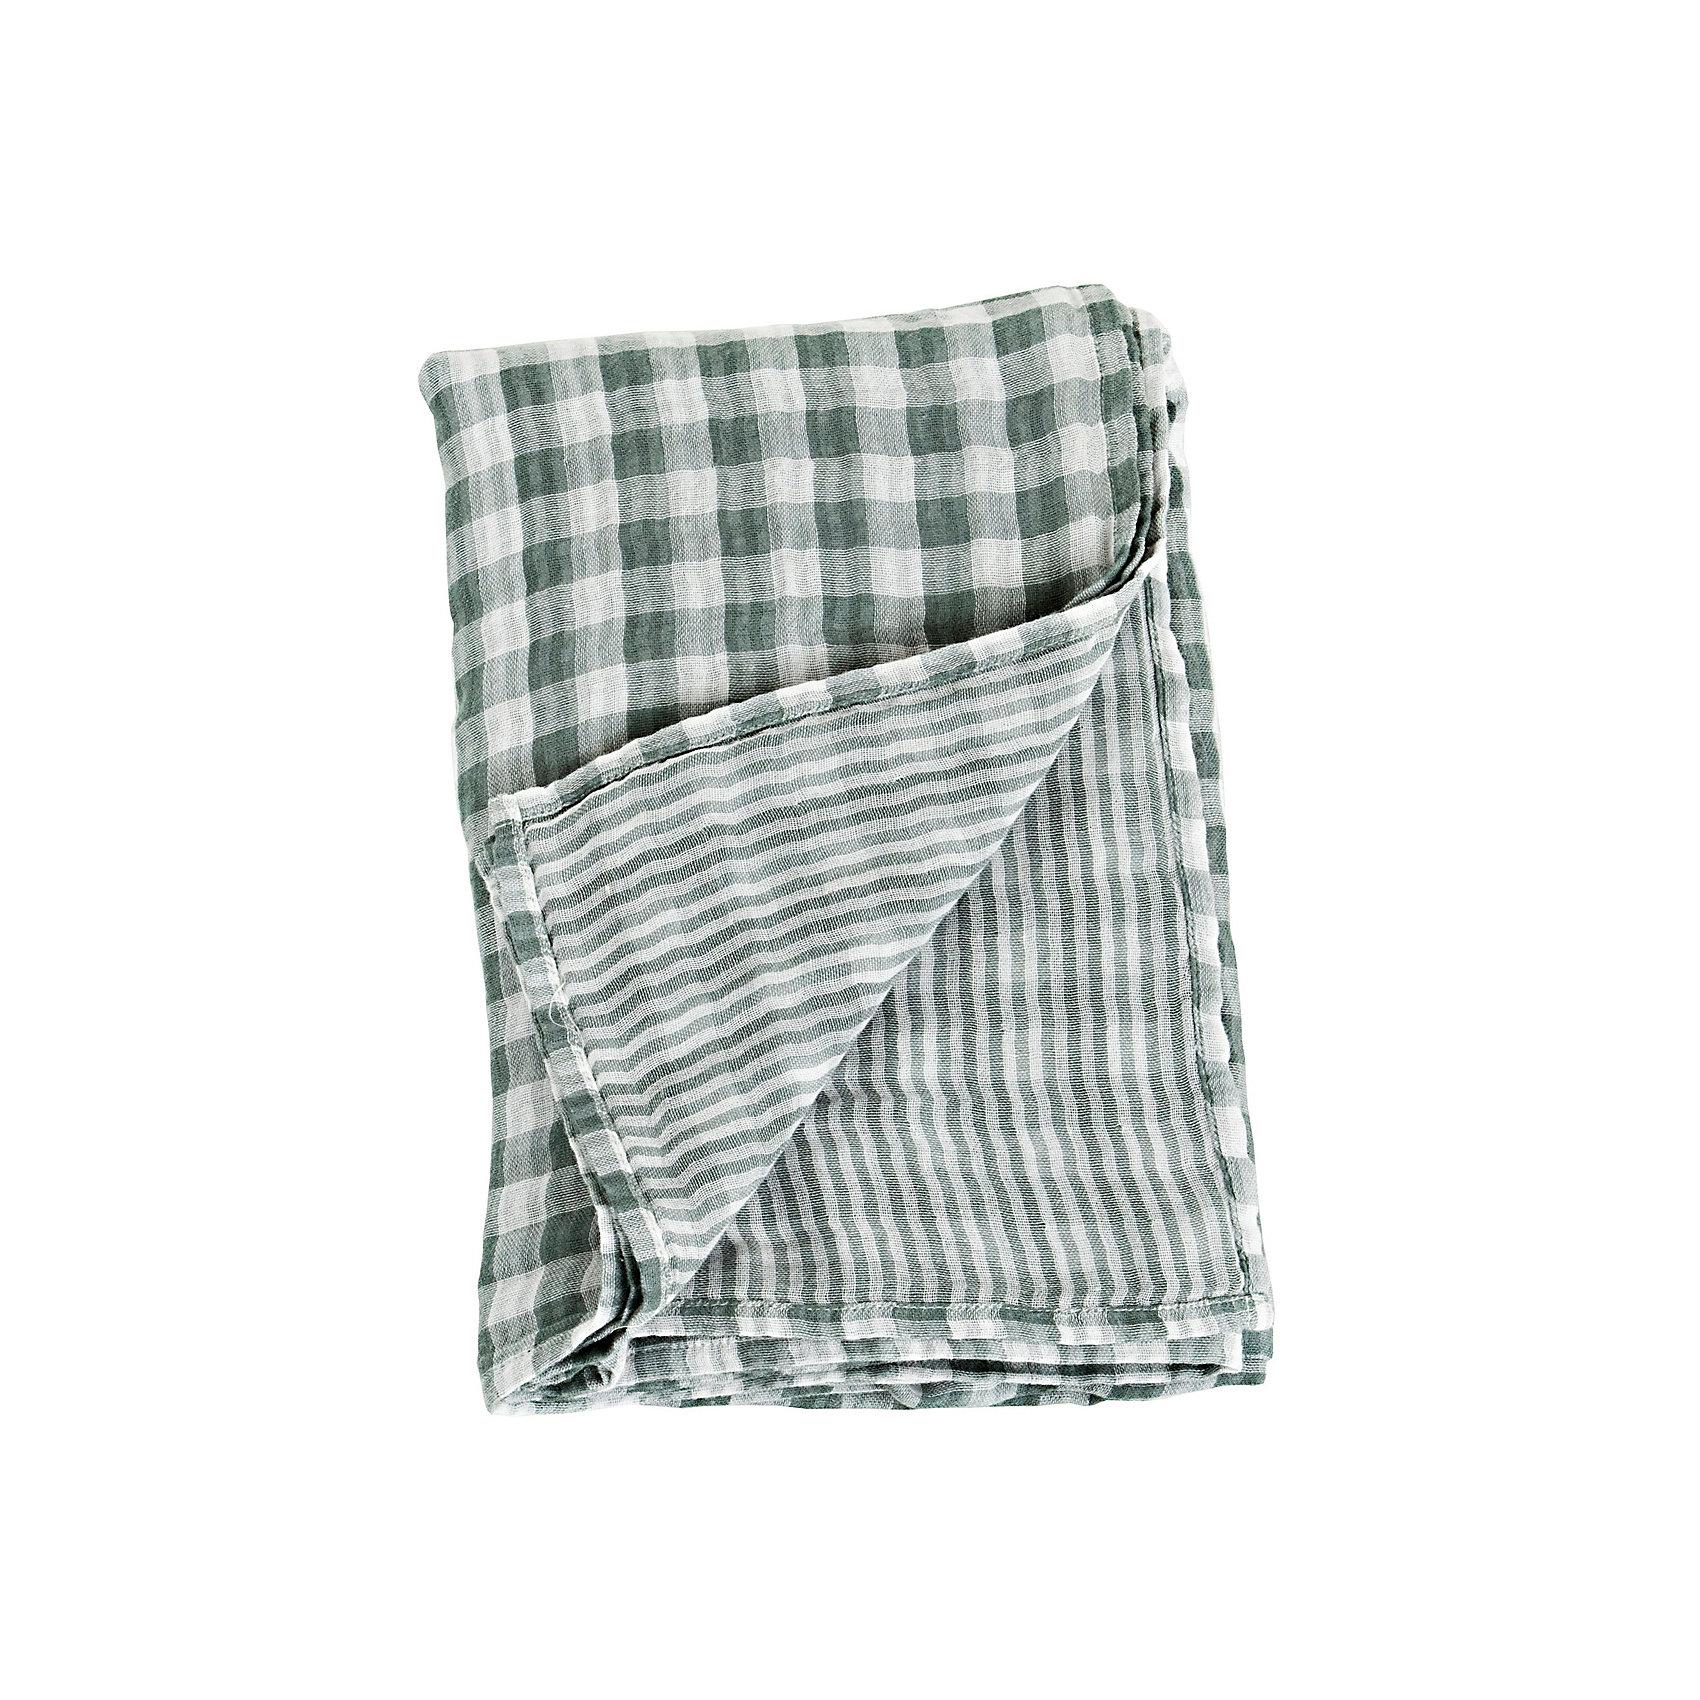 Муслиновая пелёнка двусторонняя 120х120, Lulujo, Warm GreyМуслиновая пелёнка двусторонняя 120х120, Lulujo, Warm Grey это двухсторонние мягкие пеленки большого размера предназначенные как для пеленания, так и покрывала или использования в качестве обычных простыней. Приятные тепло-серые клетка и полоски на нейтральном белом фоне помогут создать атмосферу уюта в комнате малыша. Хлопковый муслин обеспечит малышу комфорт и тепло, материал отлично пропускает вохдух, с этой тканью кожа ребенка дышит.<br>Дополнительная информация:<br><br>- В комплект входит: 1 пеленка<br>- Тип ткани: Муслин<br>- Состав: 100% хлопок  <br>- Размер: 120 * 120 см. <br>- Cтирка: машинная, 40 градусов<br><br><br>Муслиновую пелёнку двустороннюю 120х120, Lulujo, Warm Grey можно купить в нашем интернет-магазине.<br>Подробнее:<br>• Для детей в возрасте: от 0 лет<br>• Номер товара: 4976065<br>Страна производитель: Турция<br><br>Ширина мм: 100<br>Глубина мм: 55<br>Высота мм: 240<br>Вес г: 188<br>Возраст от месяцев: 0<br>Возраст до месяцев: 36<br>Пол: Унисекс<br>Возраст: Детский<br>SKU: 4976065